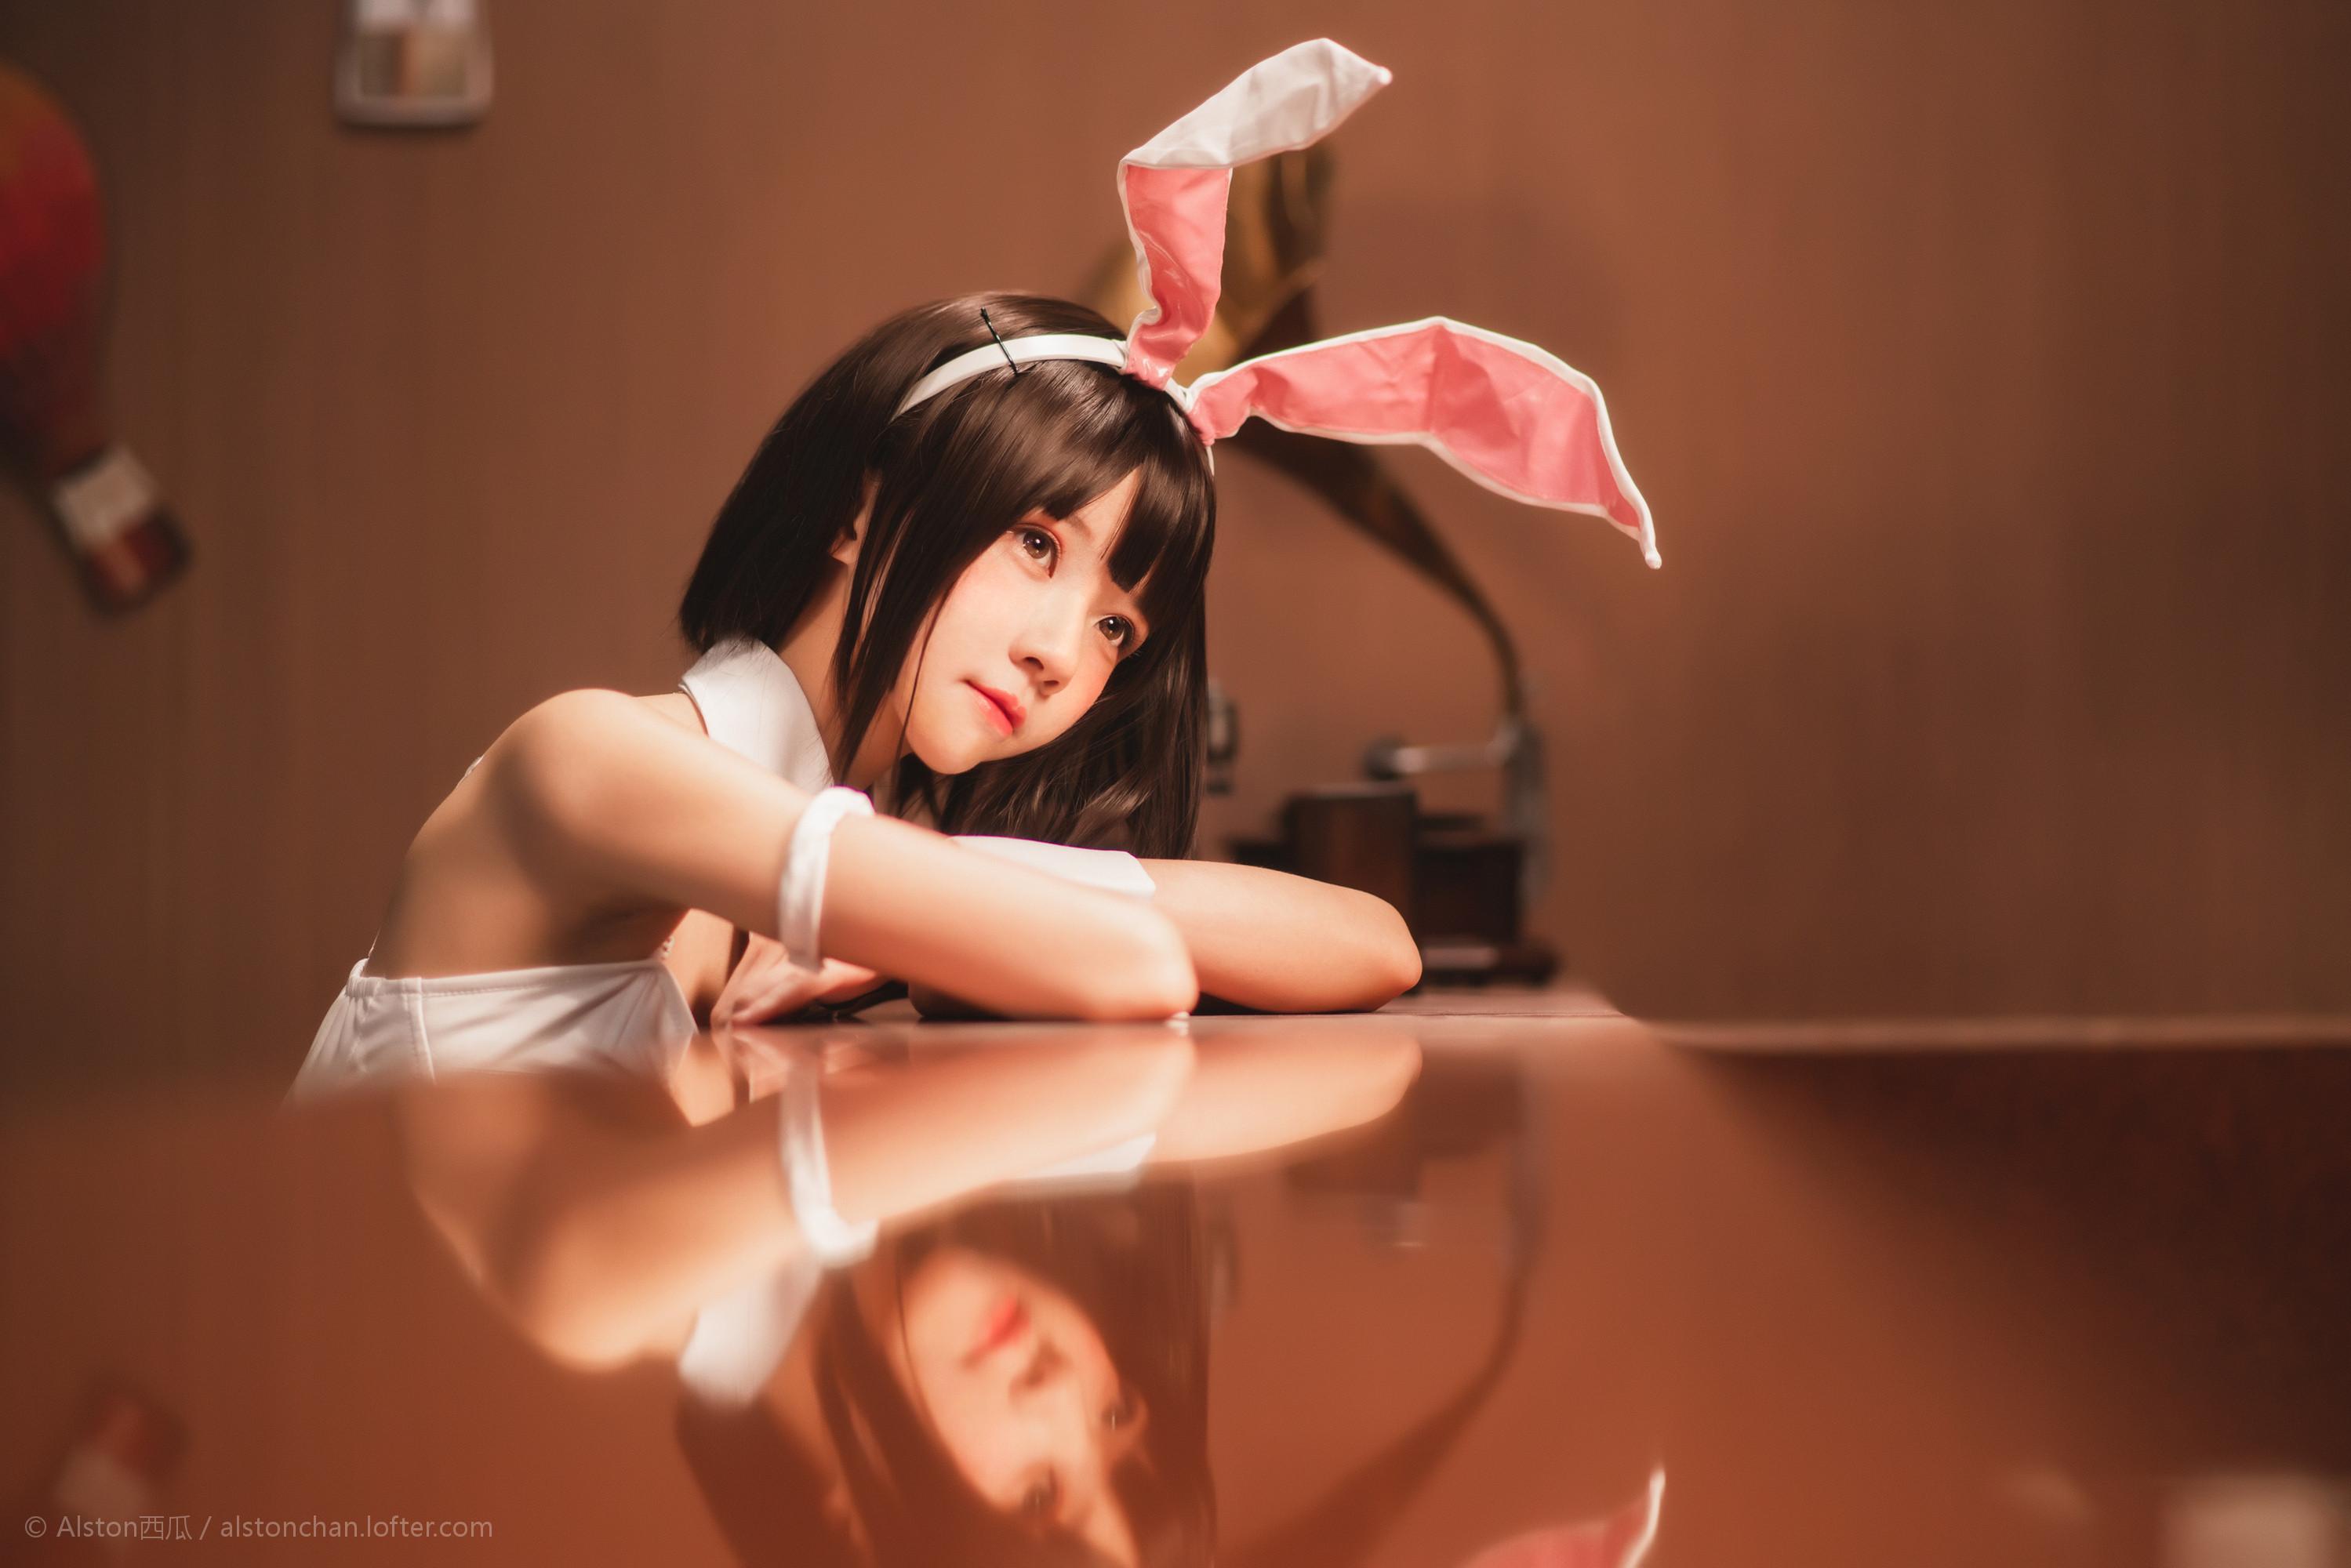 免费⭐微博红人⭐桜桃喵@写真cos-兔女郎(桜桃喵 )插图4